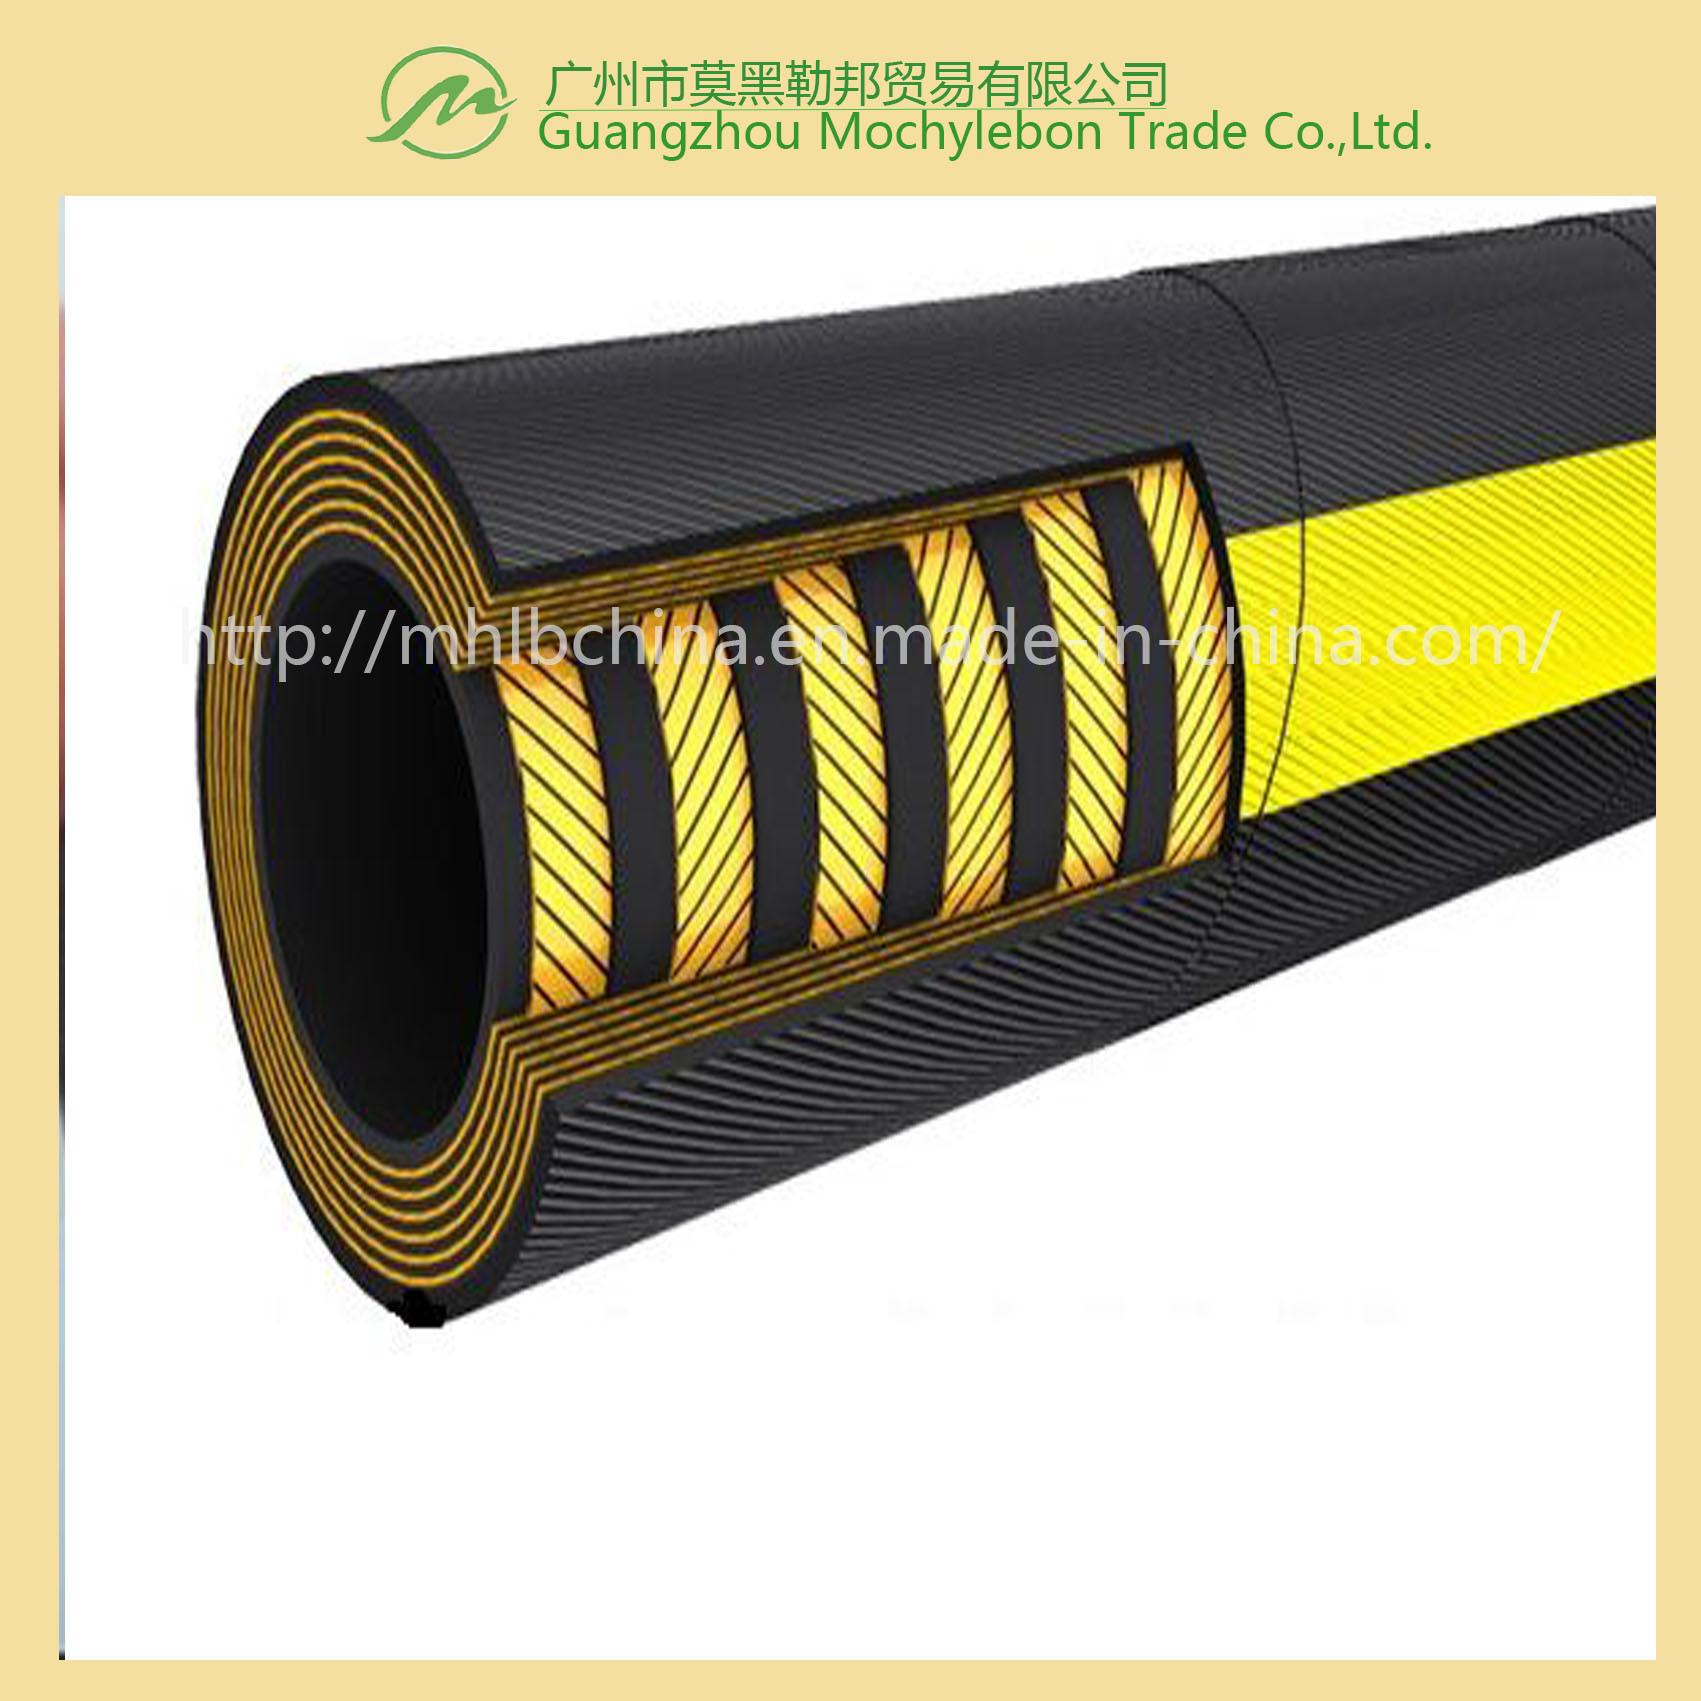 Wire Spiral Hydraulic Hose (902-6S-1-1/2)